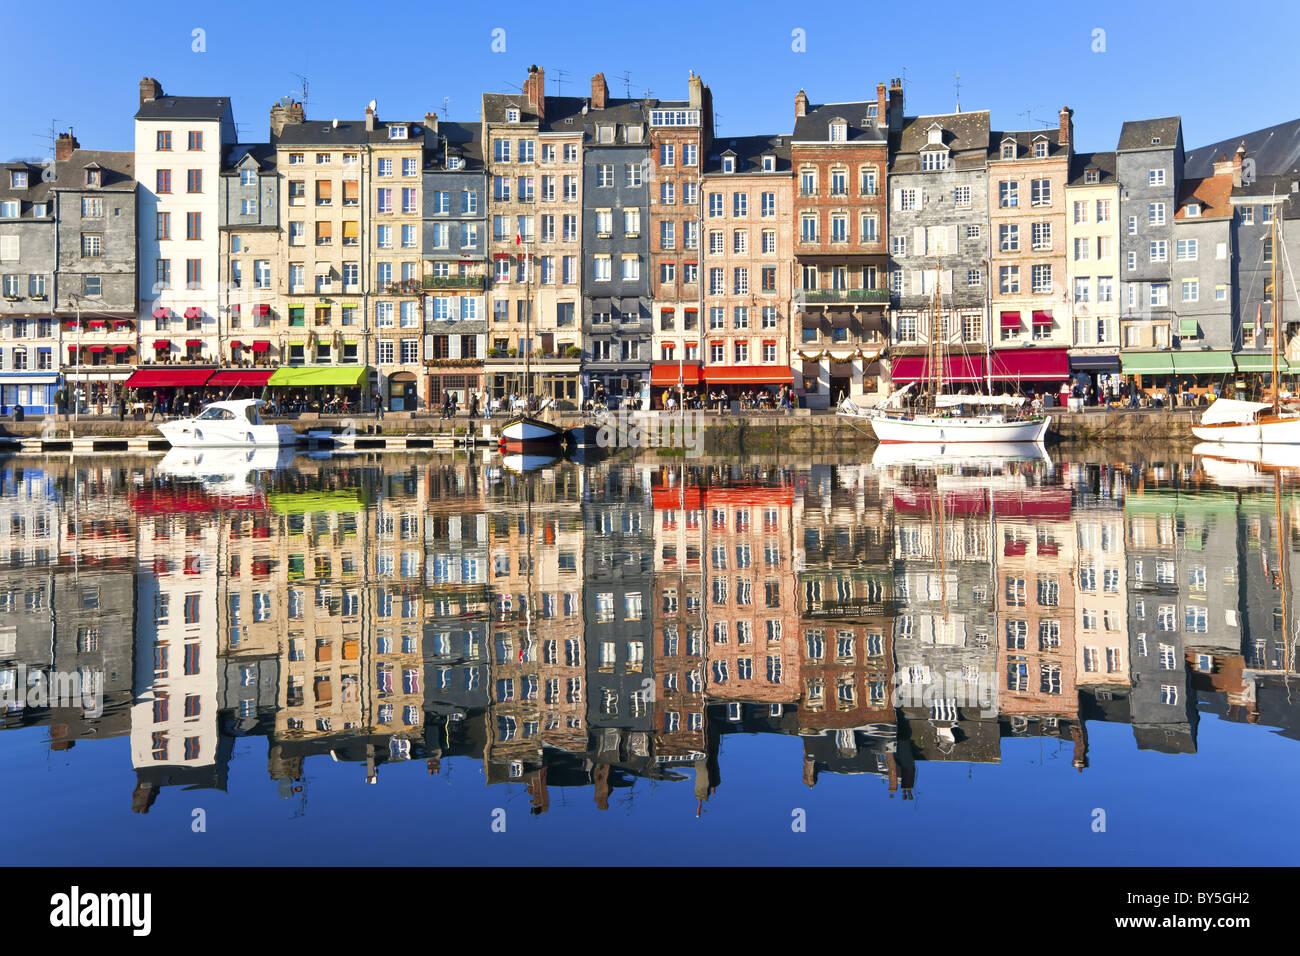 Le port de Honfleur en Normandie, France. Maisons de couleur et leur reflet dans l'eau Photo Stock